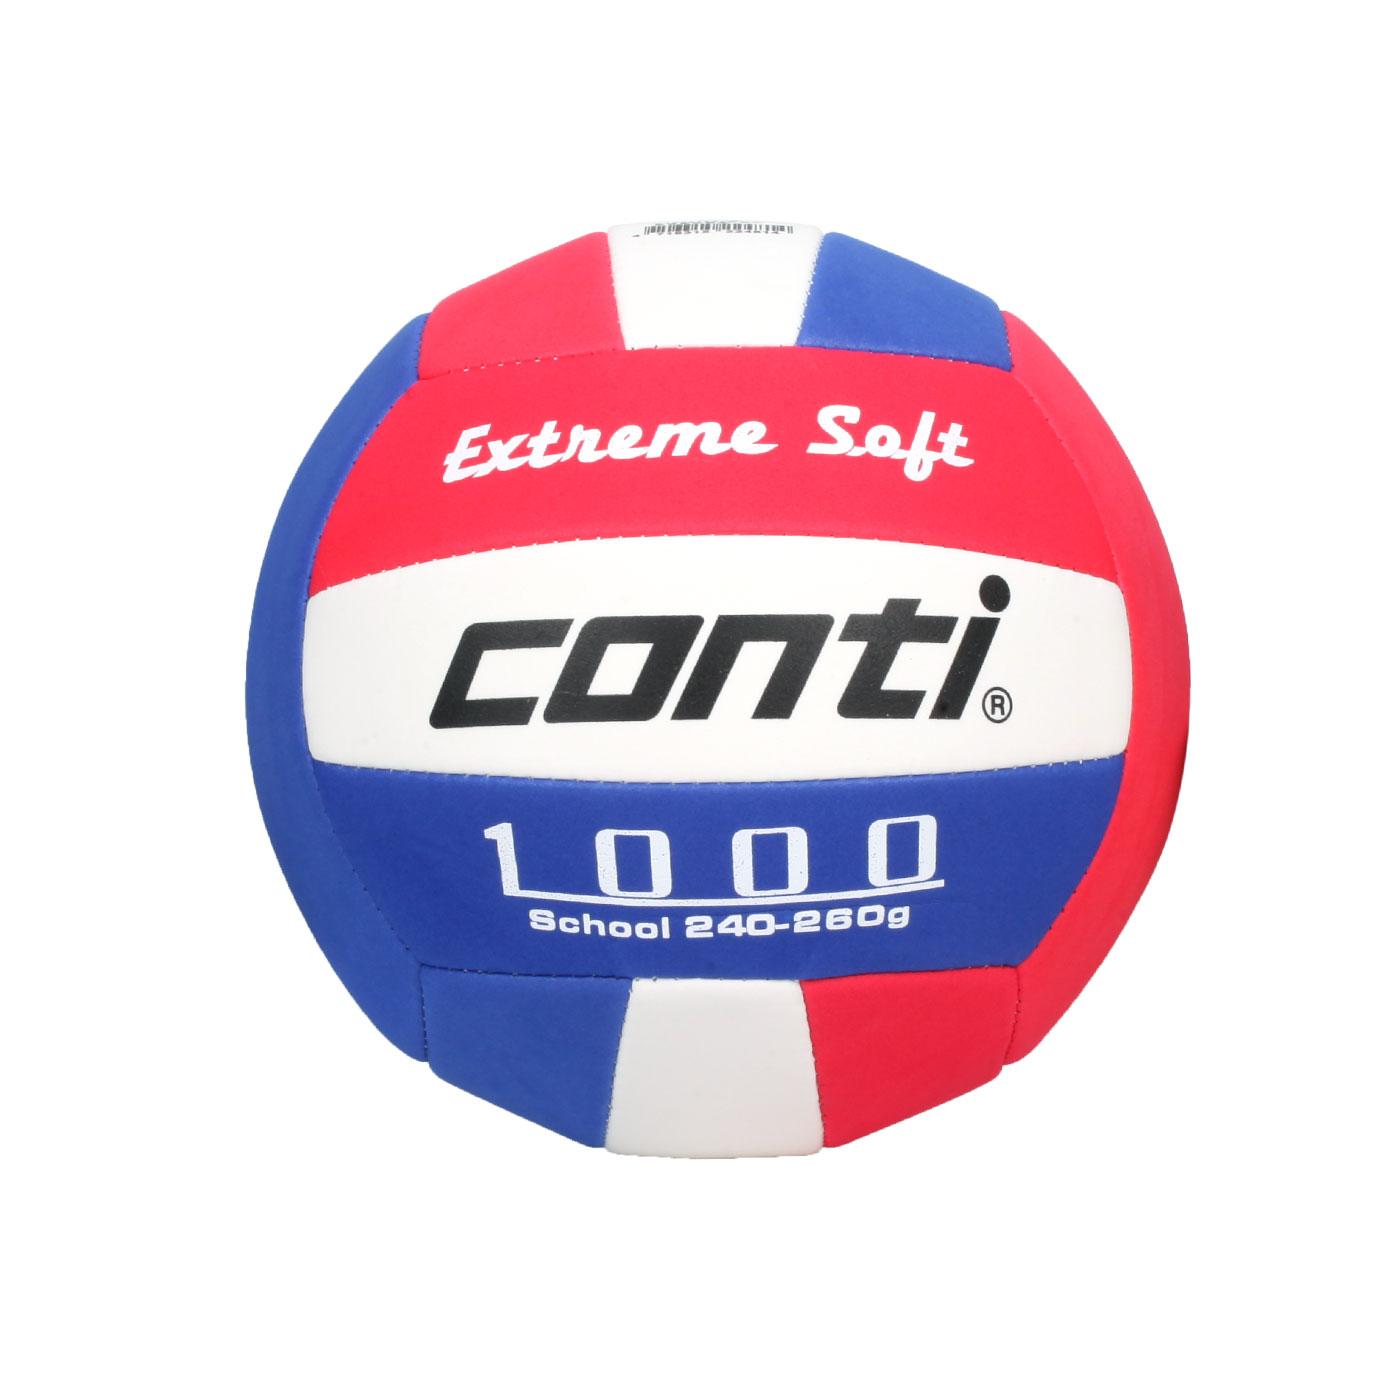 詠冠conti 4號安全軟式排球 CONTIV1000-4-RWB